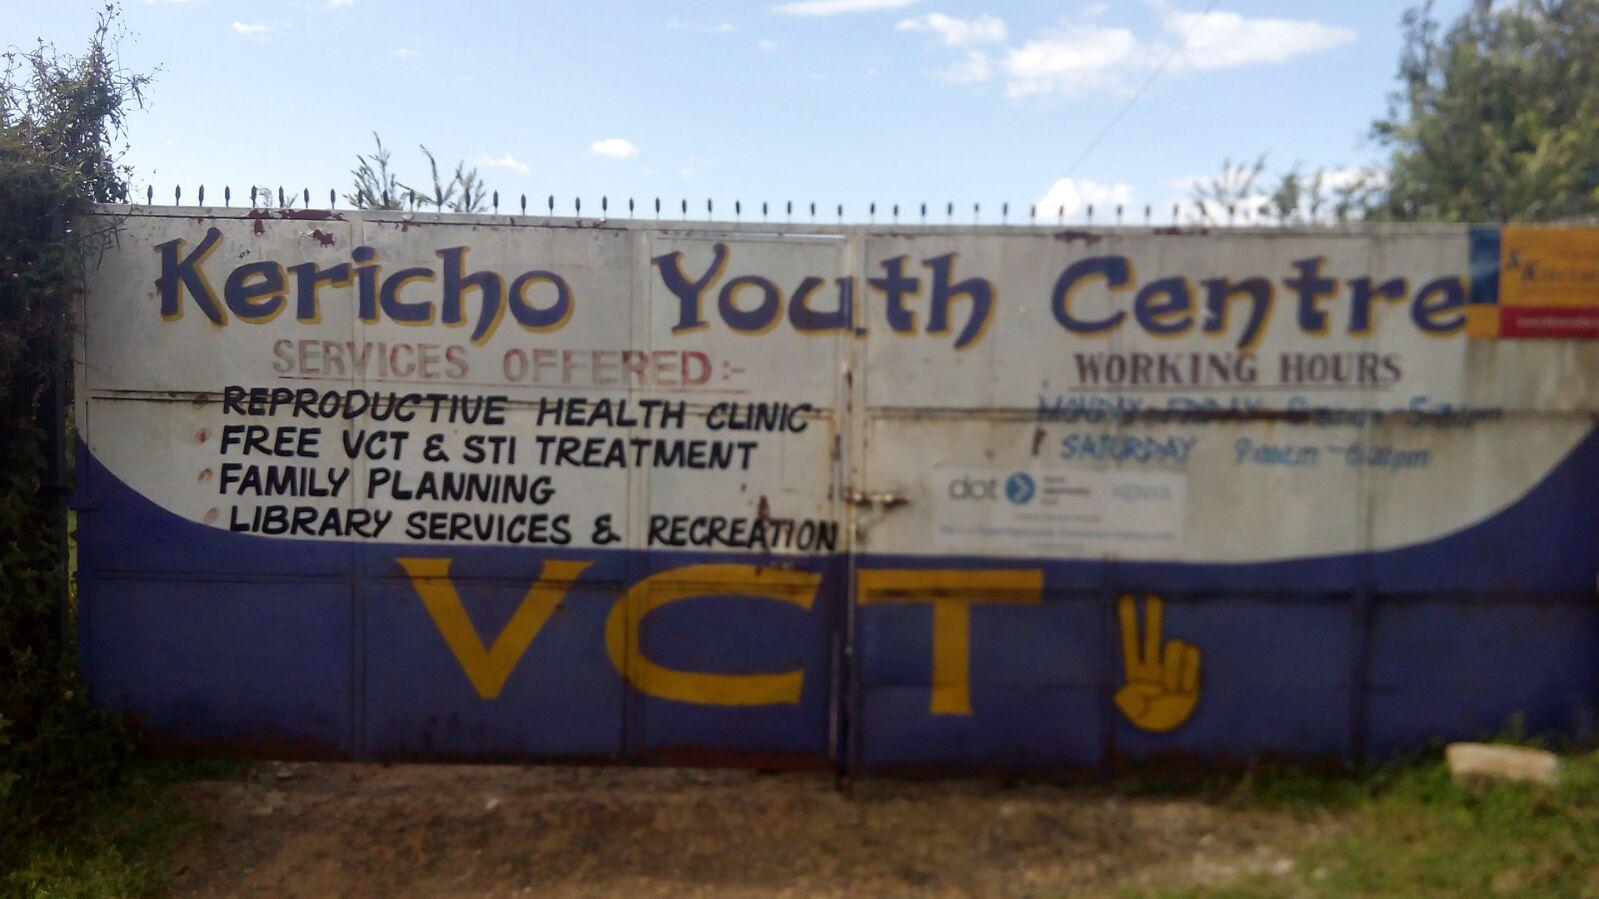 Kericho Youth Centre